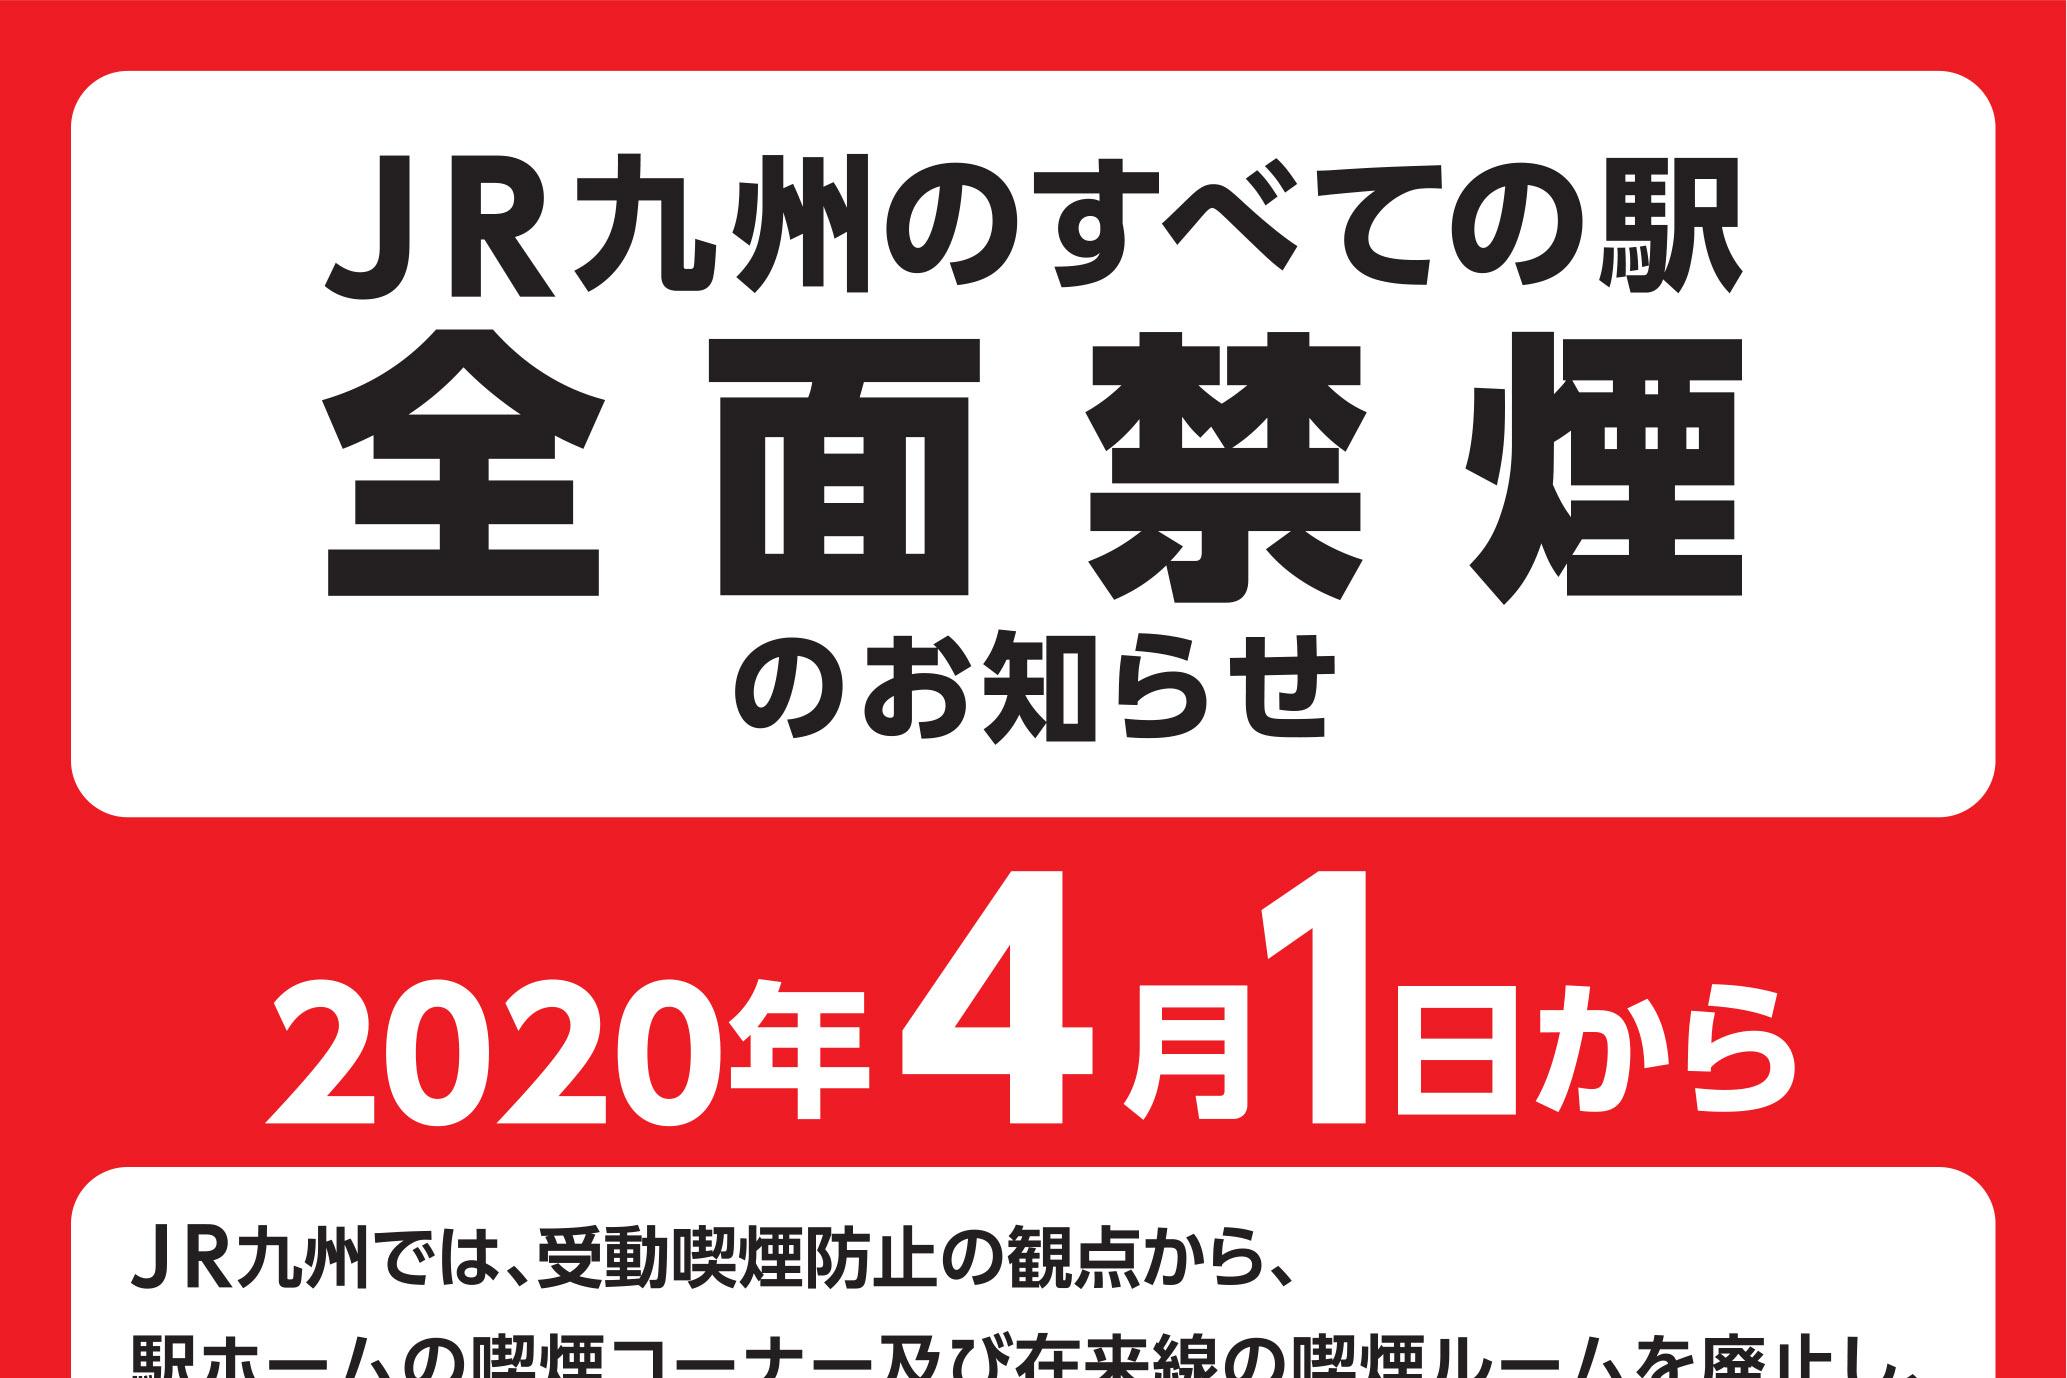 JR九州、4月1日から駅を全面禁煙 - トラベル Watch